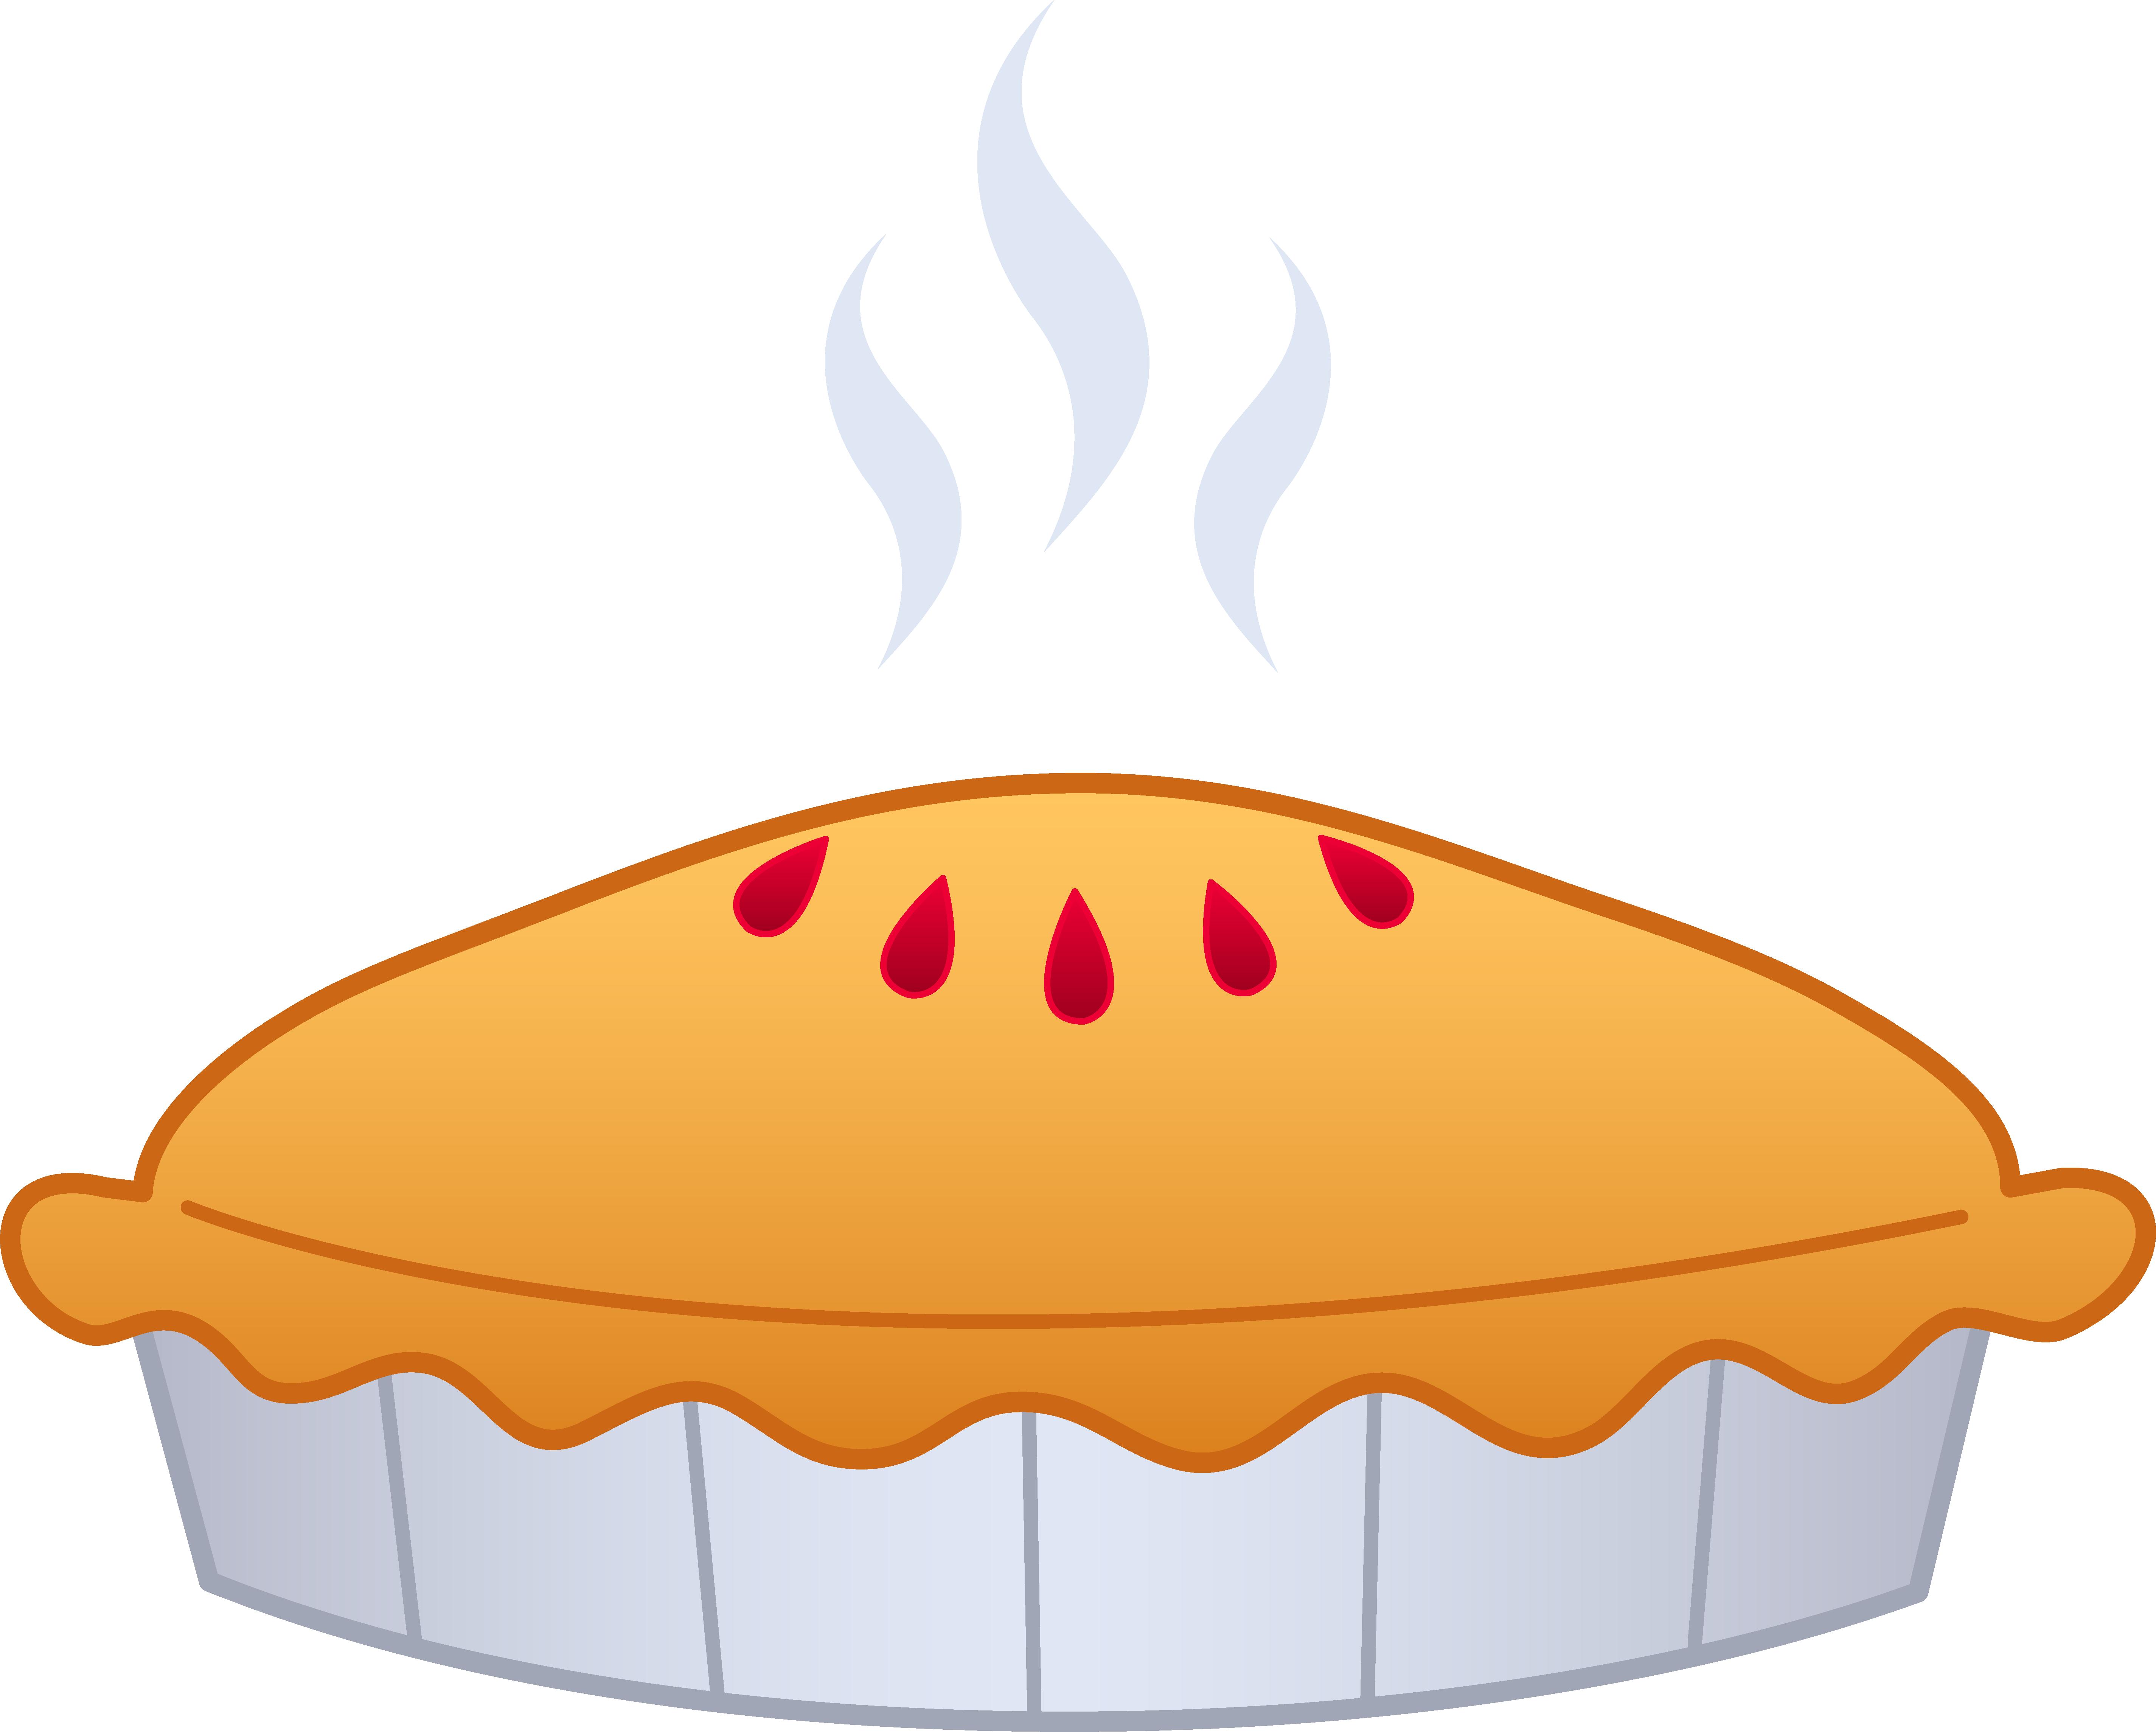 5700x4579 Drawn Pie Cherry Pie